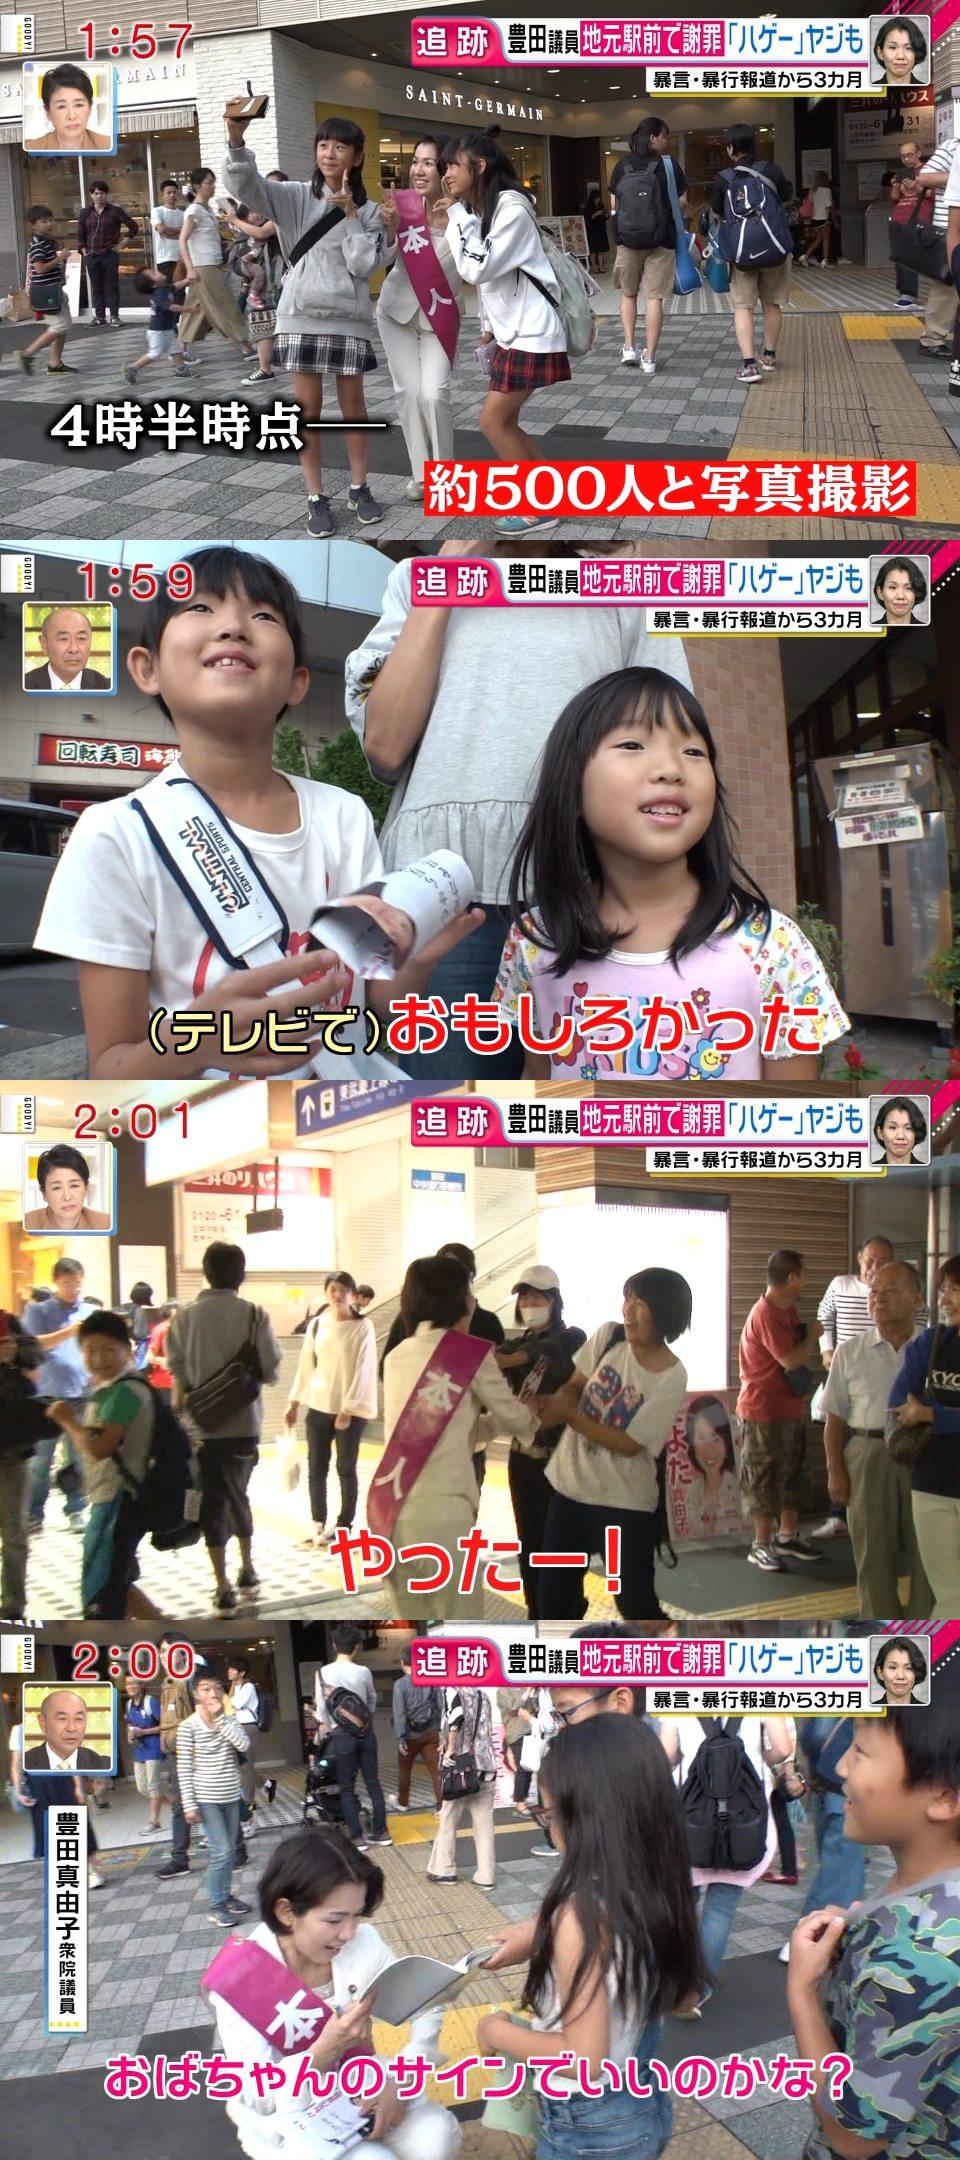 豊田真由子議員(41)、子供達に大人気だった!